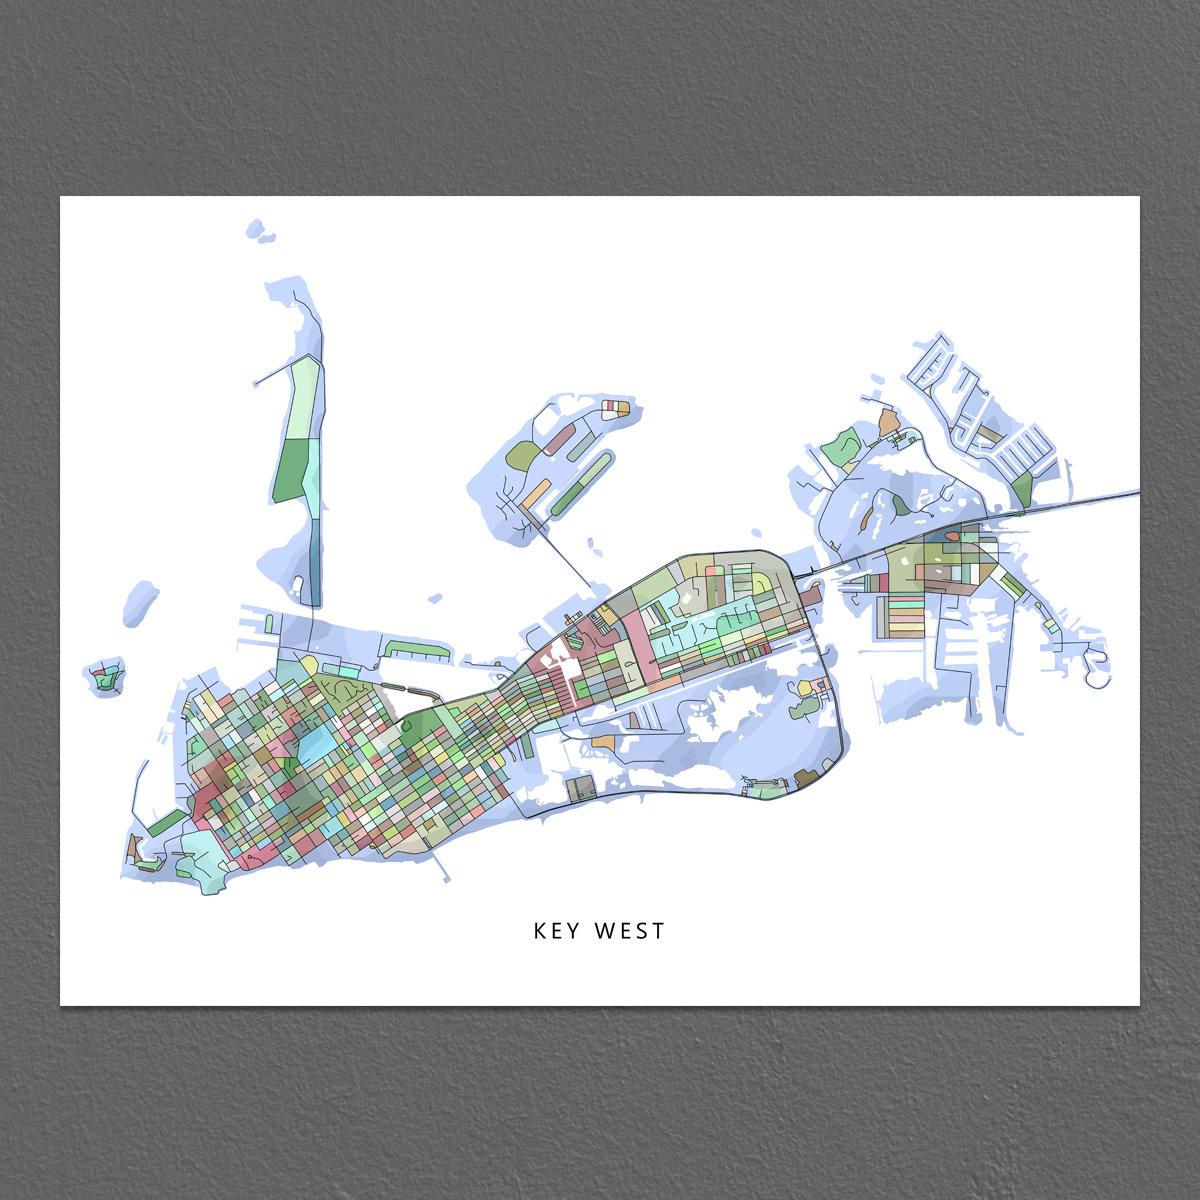 Key West Map Key West Art Print Florida Keys Map Key West | Etsy - Florida Keys Map Art